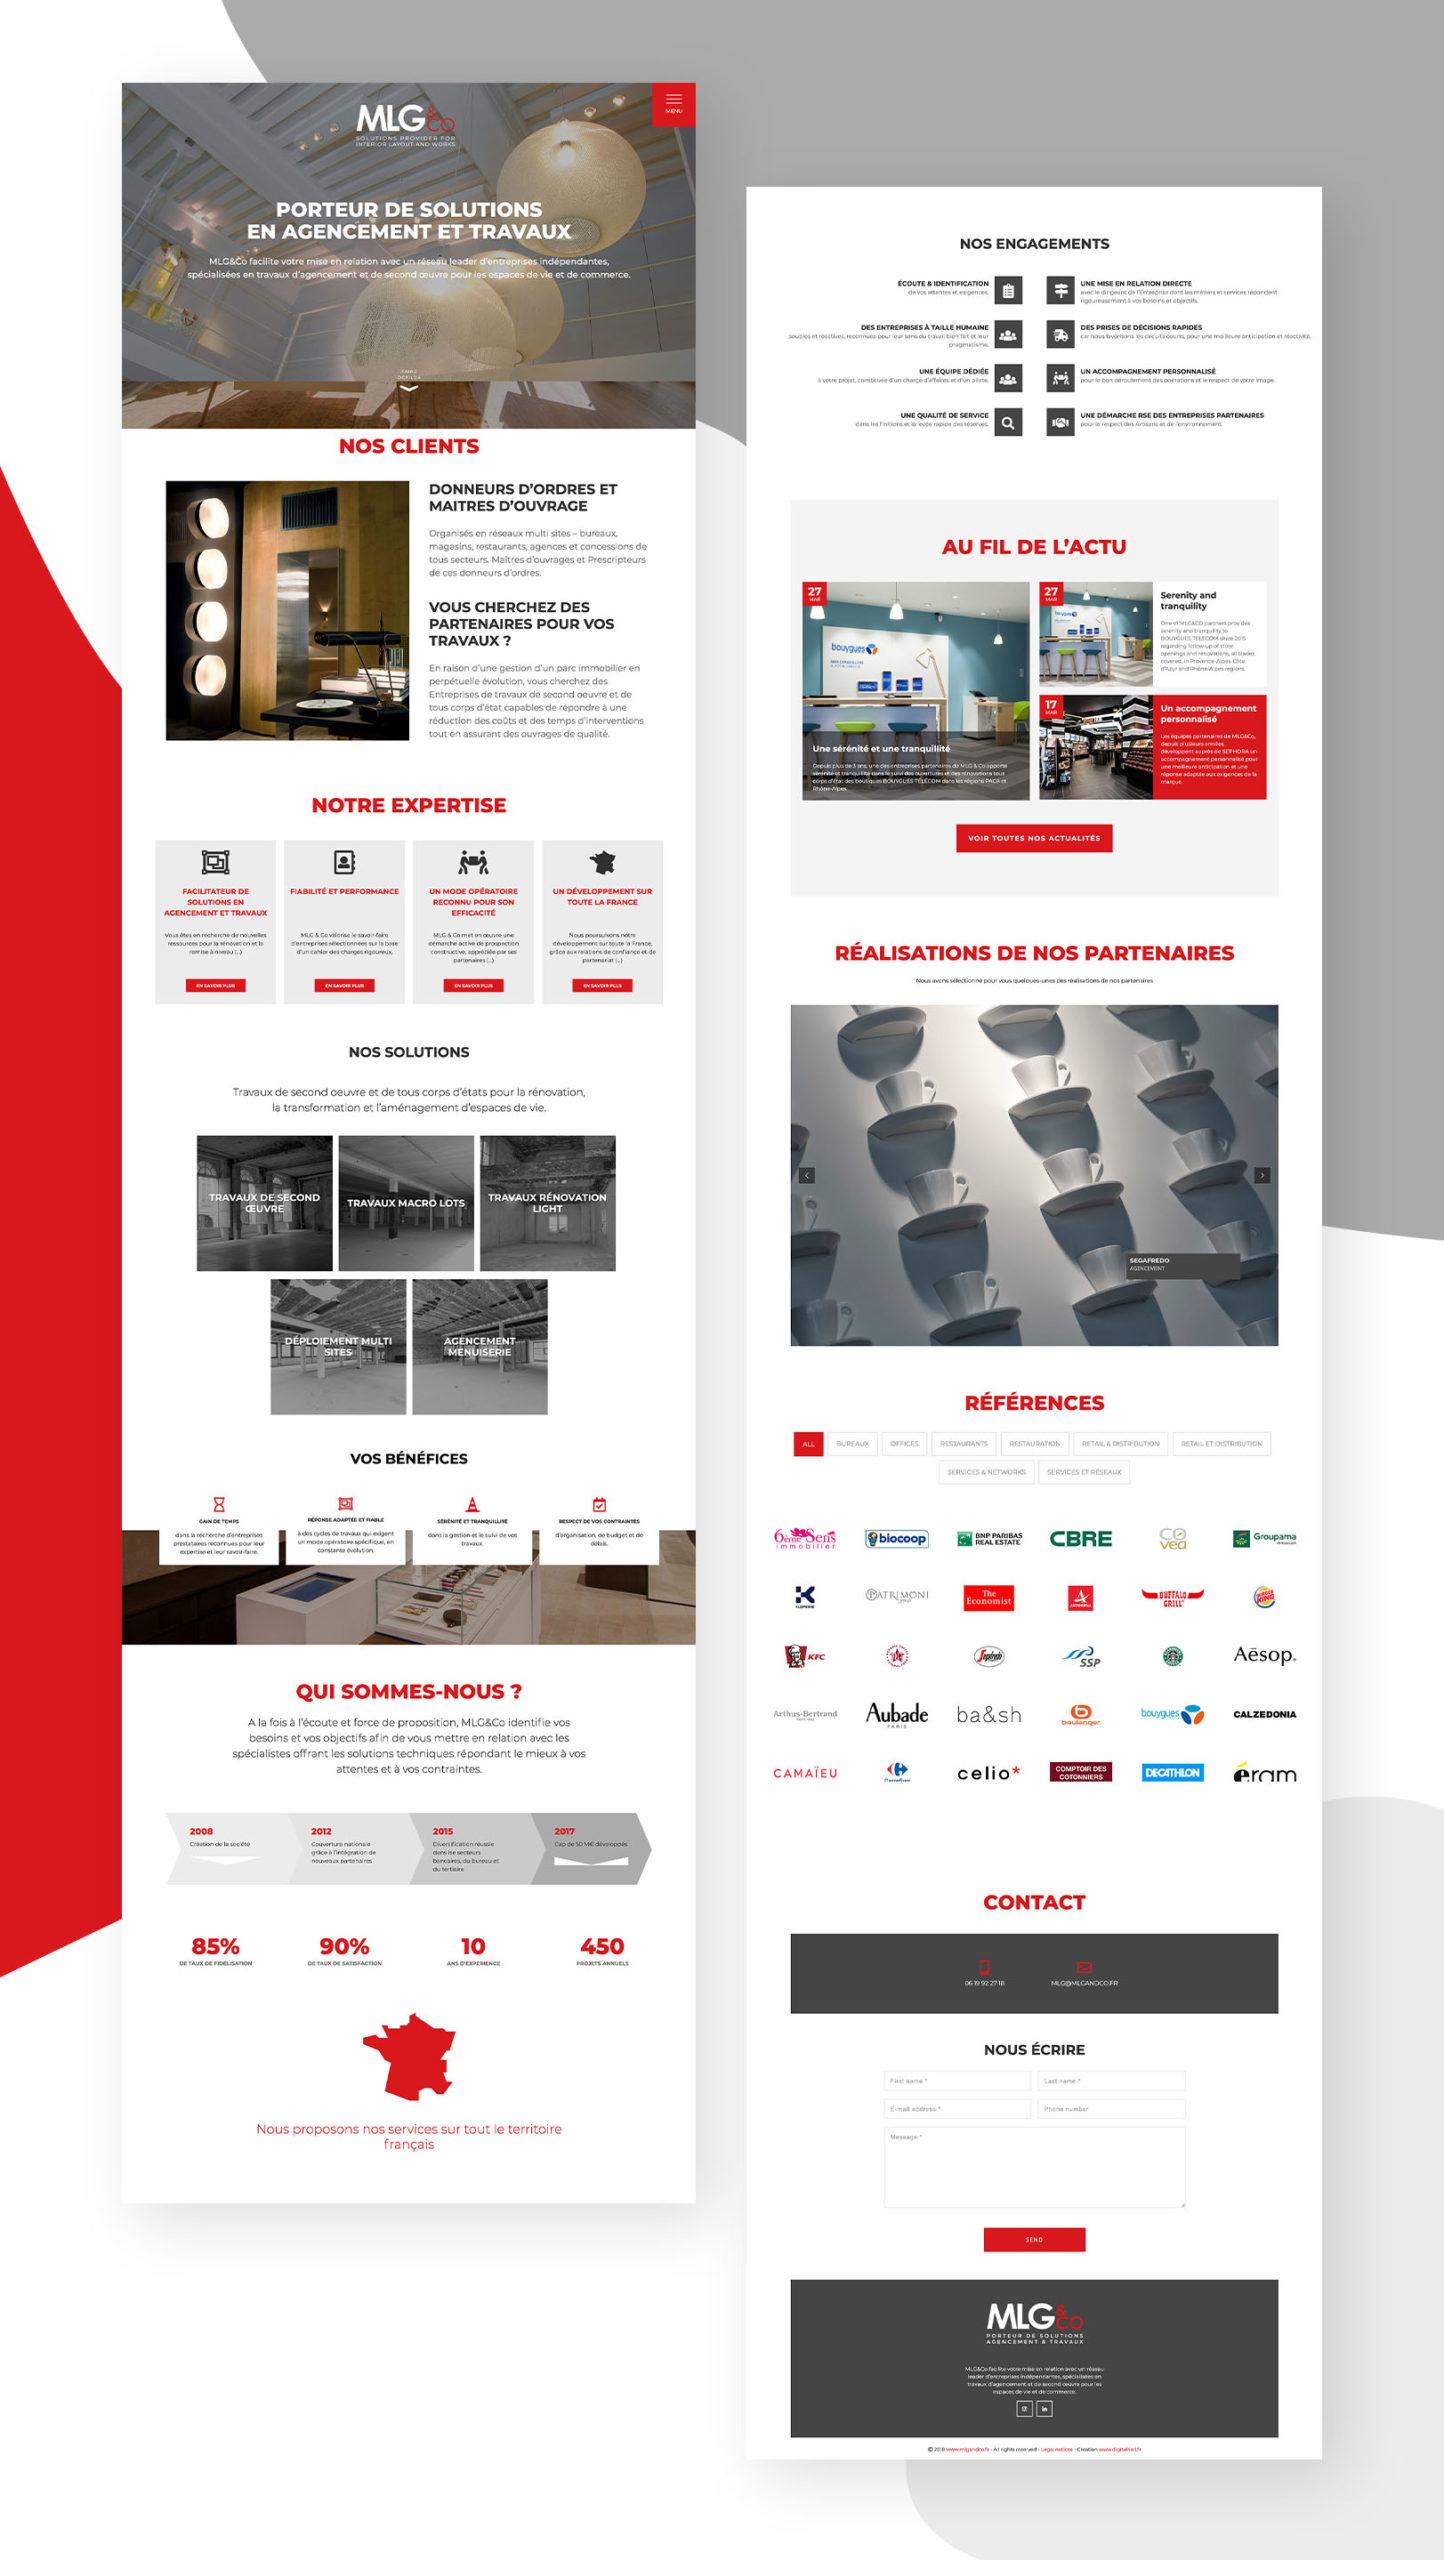 Nouveau site web de MLG & Co